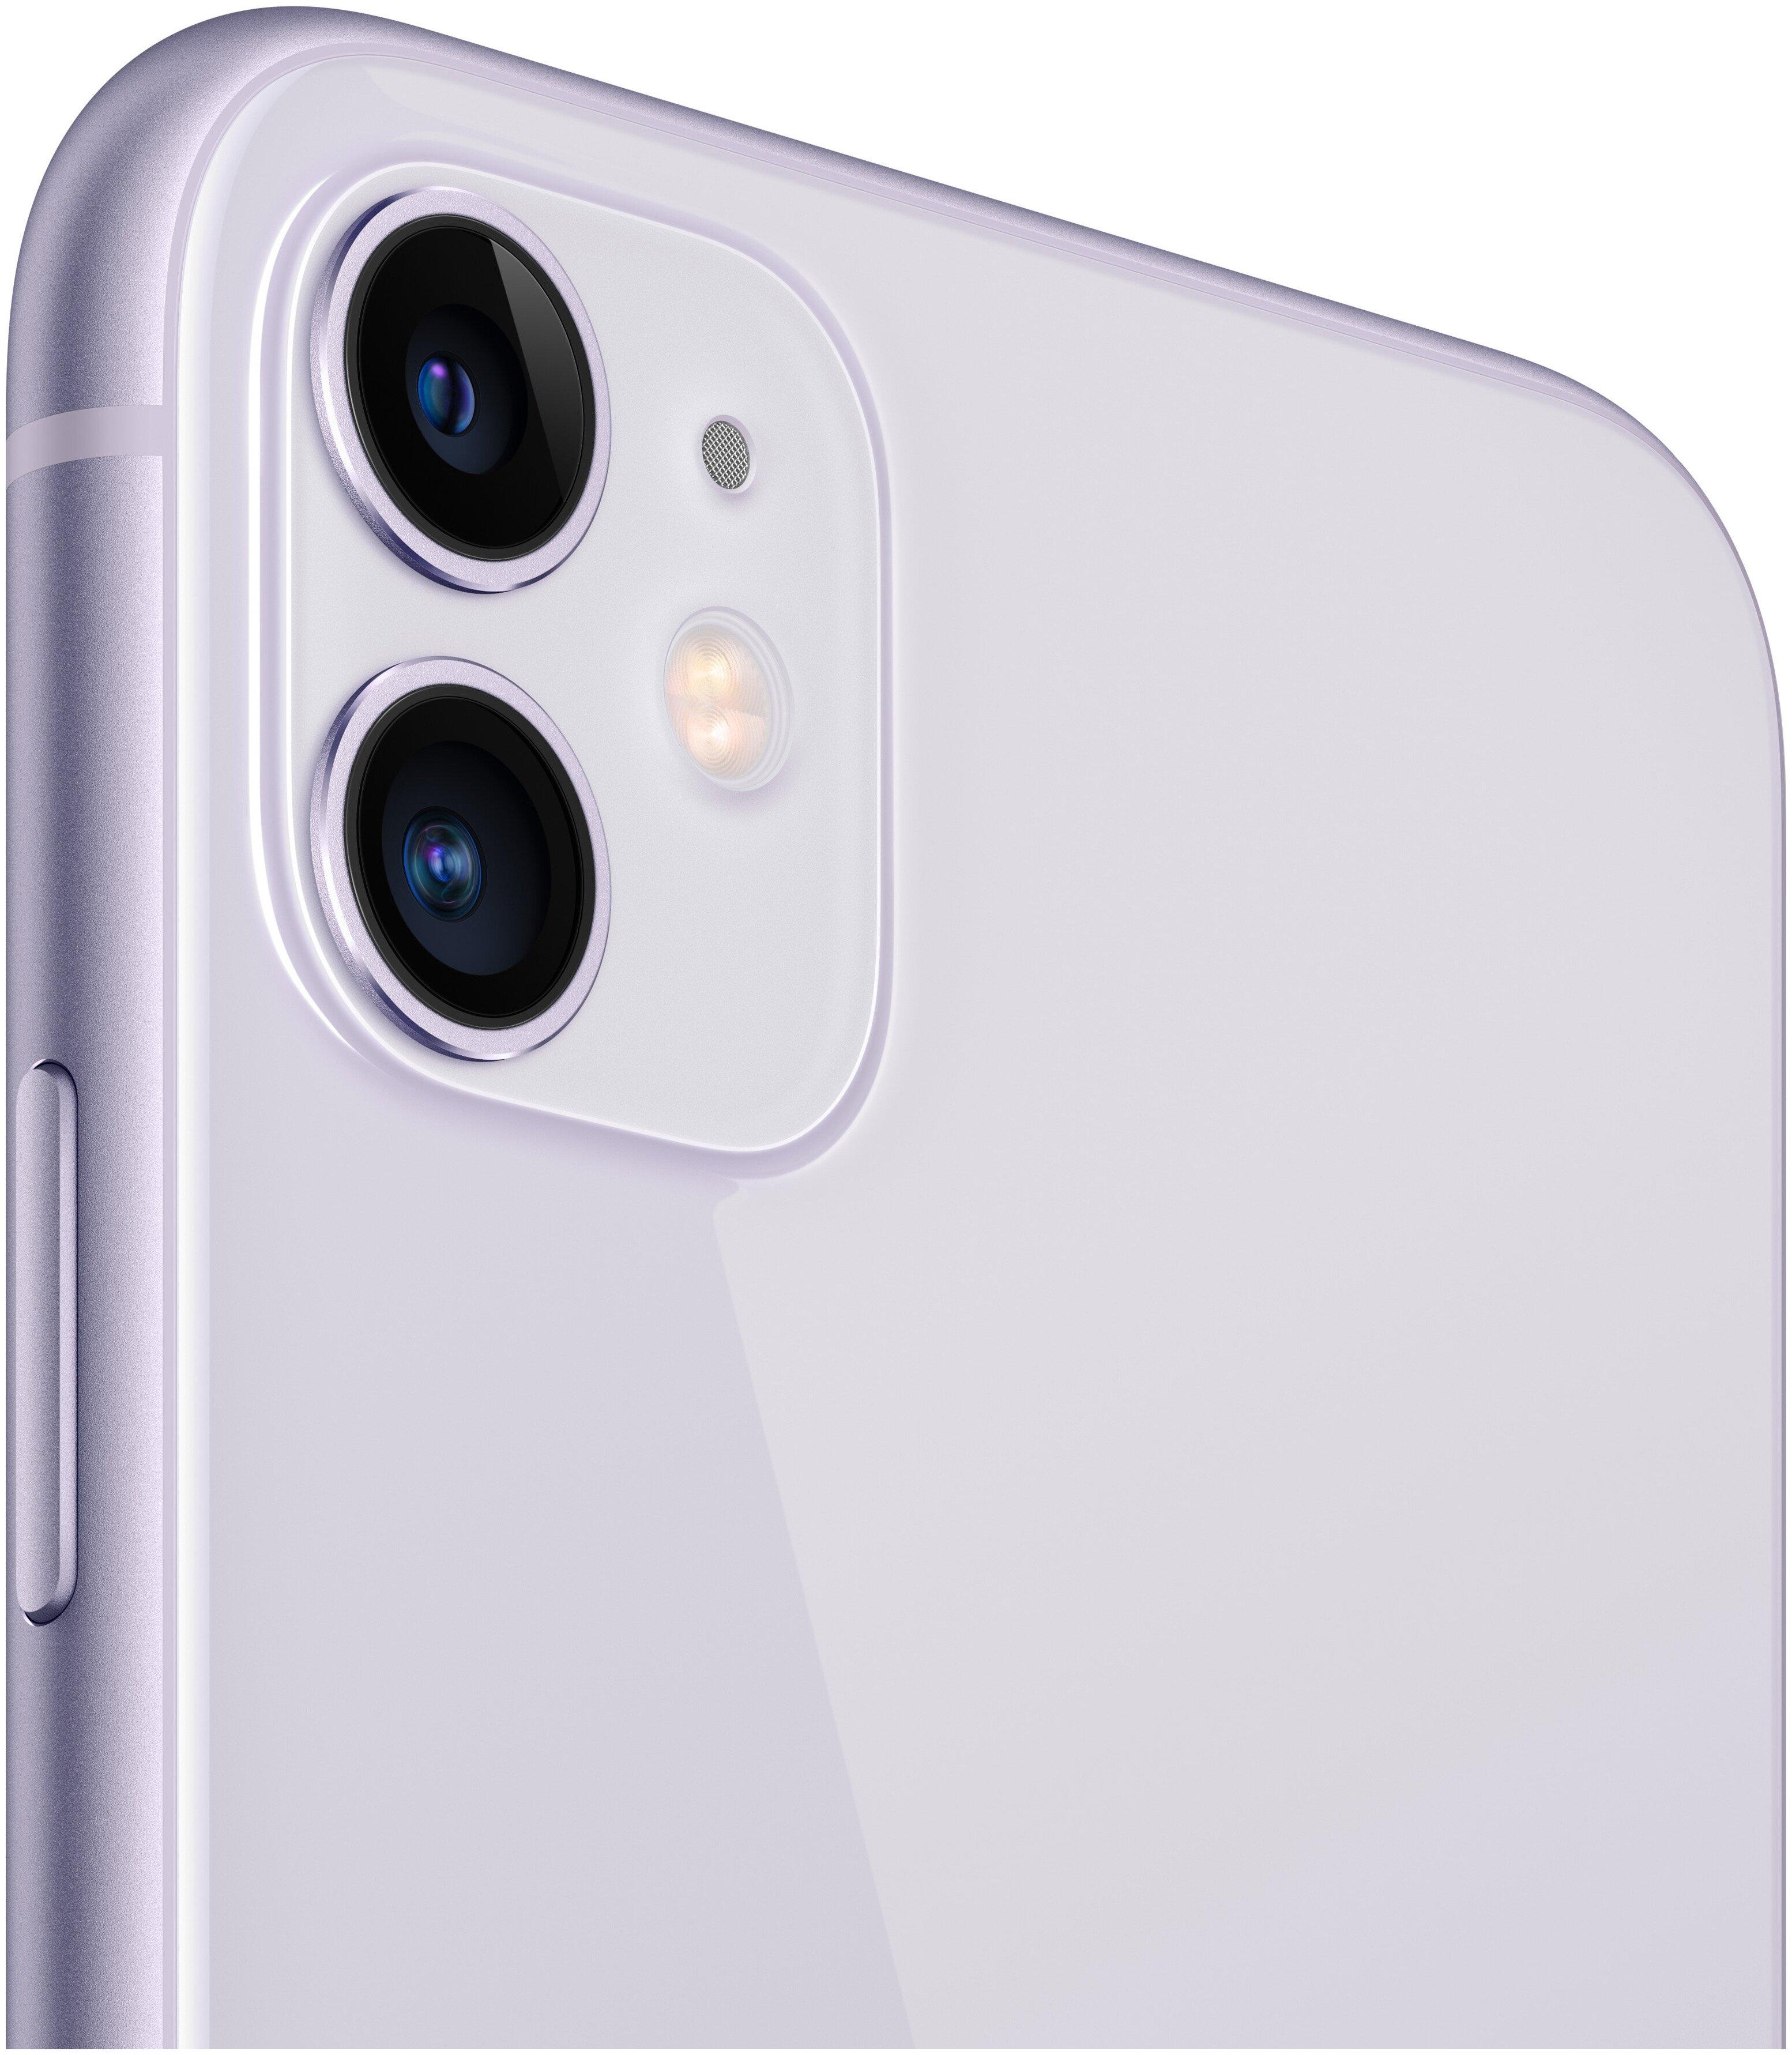 Apple iPhone 11 64GB - двойная камера: 12МП, 12МП